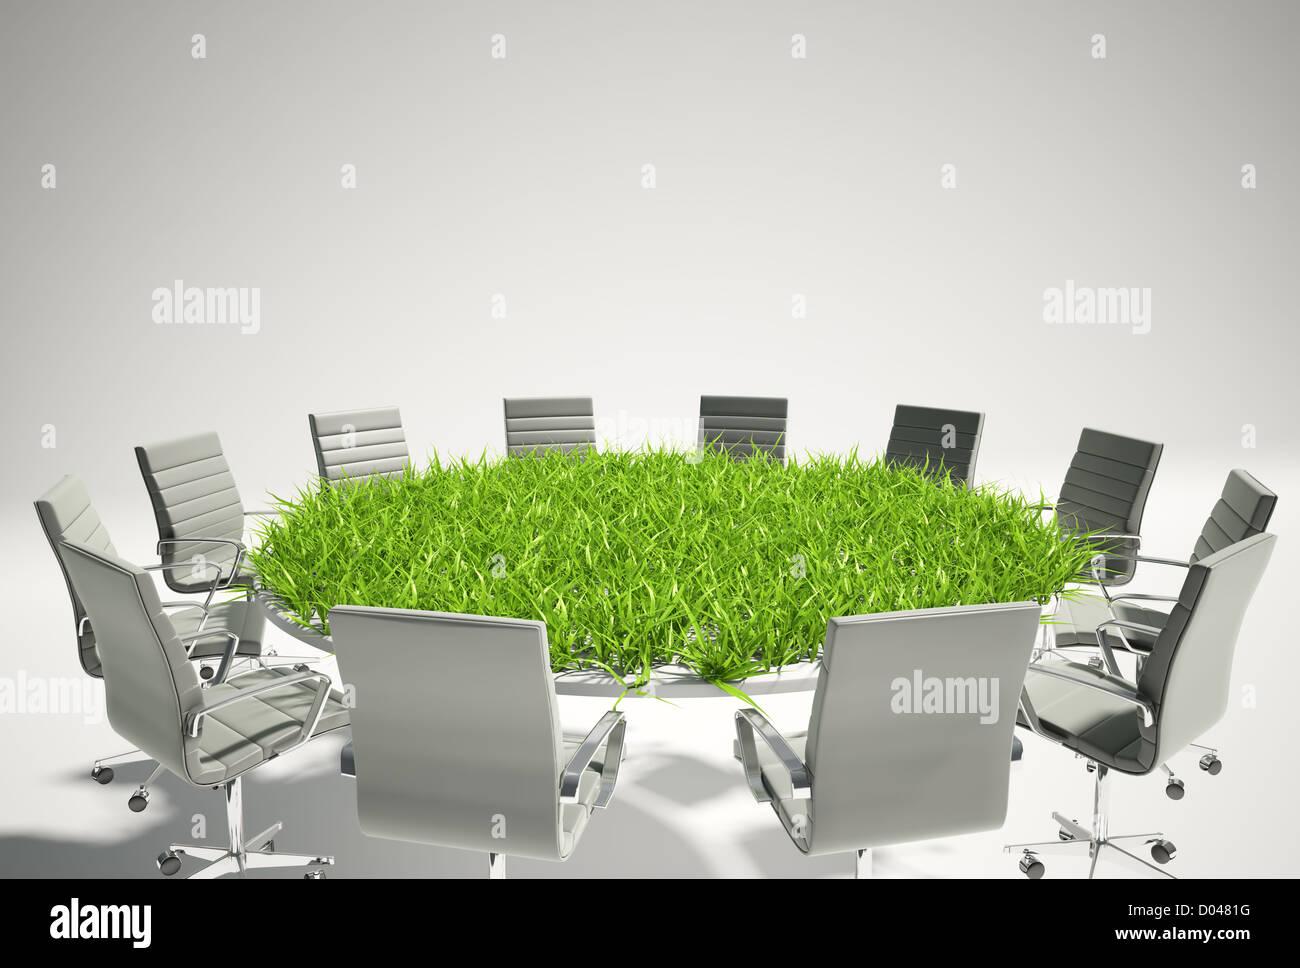 Tavolo da conferenza ricoperte di erba - business concetto di Outlook Immagini Stock